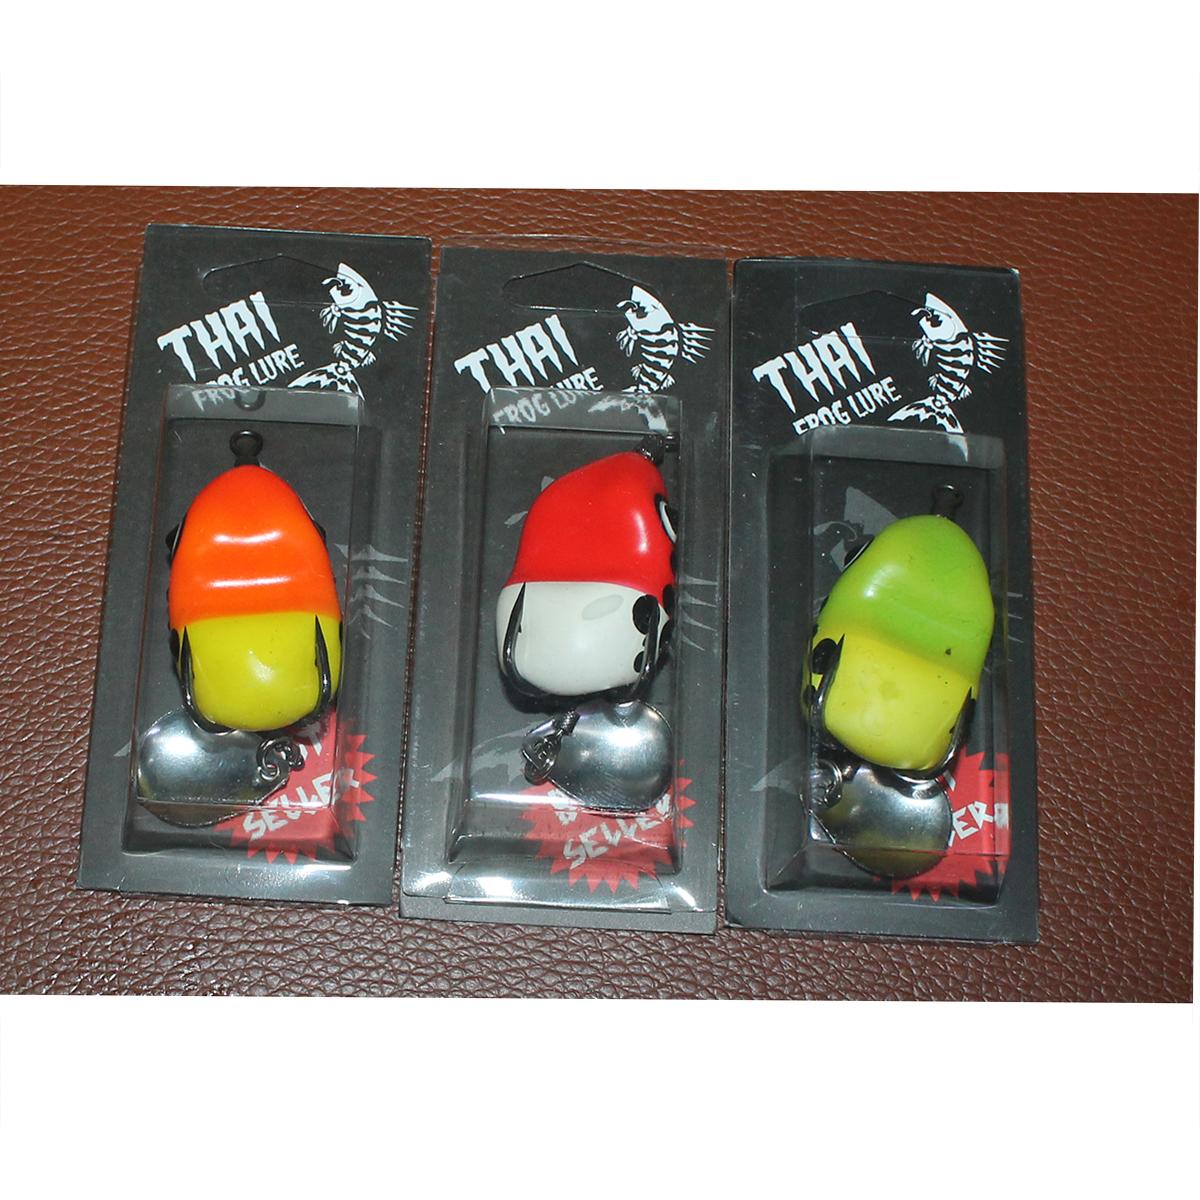 Mồi Câu Cá Giả - Chuột Mềm Thái Lan Thai Frog Lure